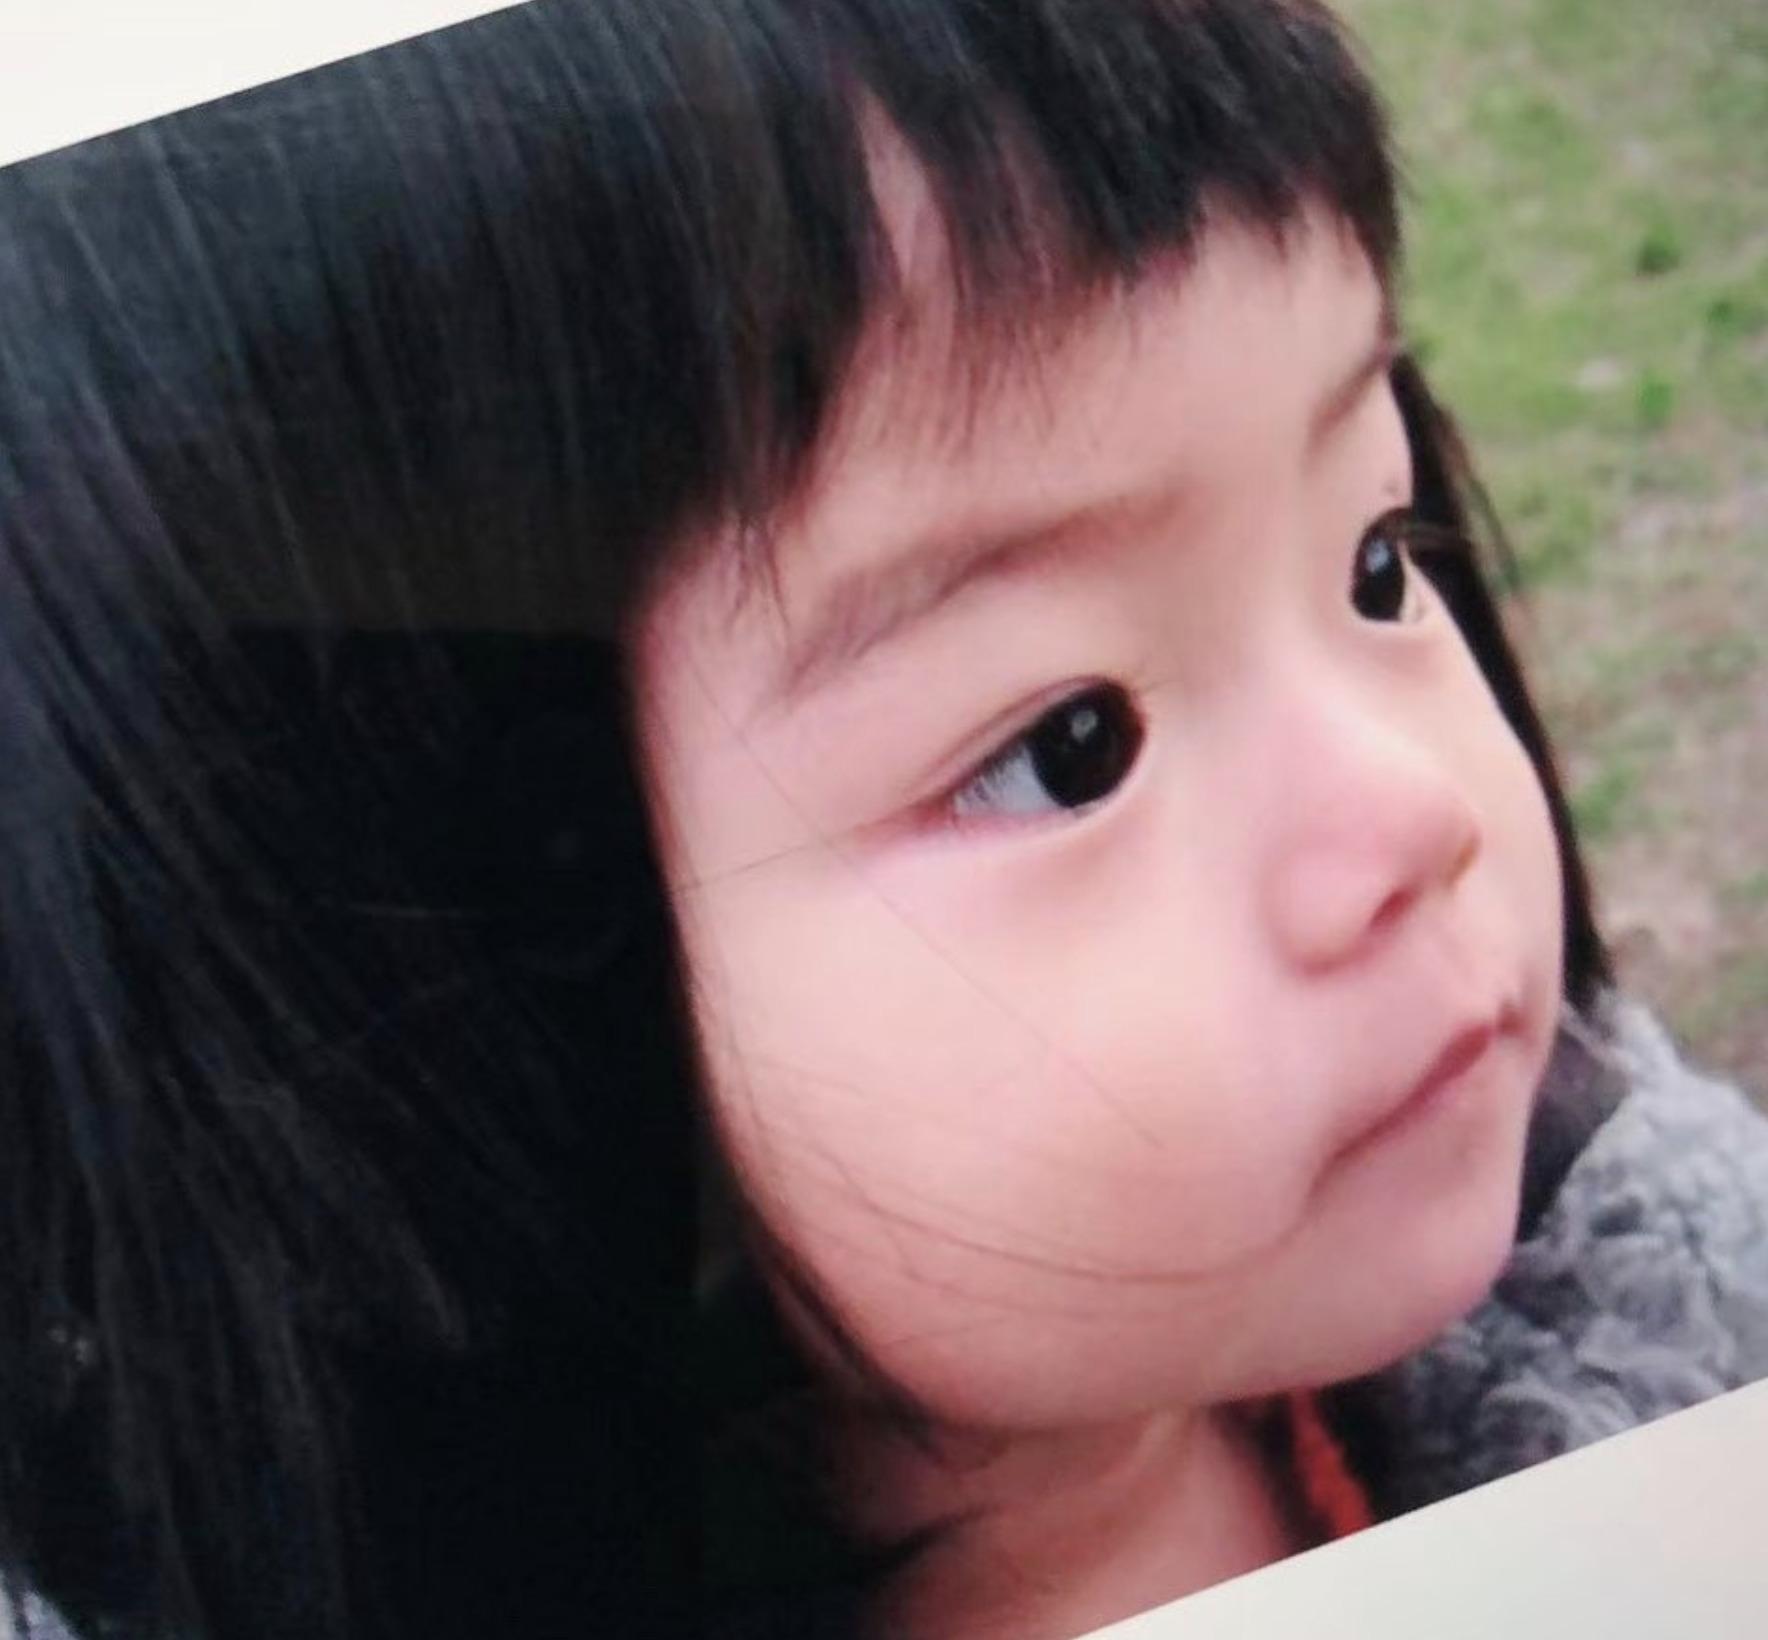 蒔田彩珠の子供の画像(幼少期)